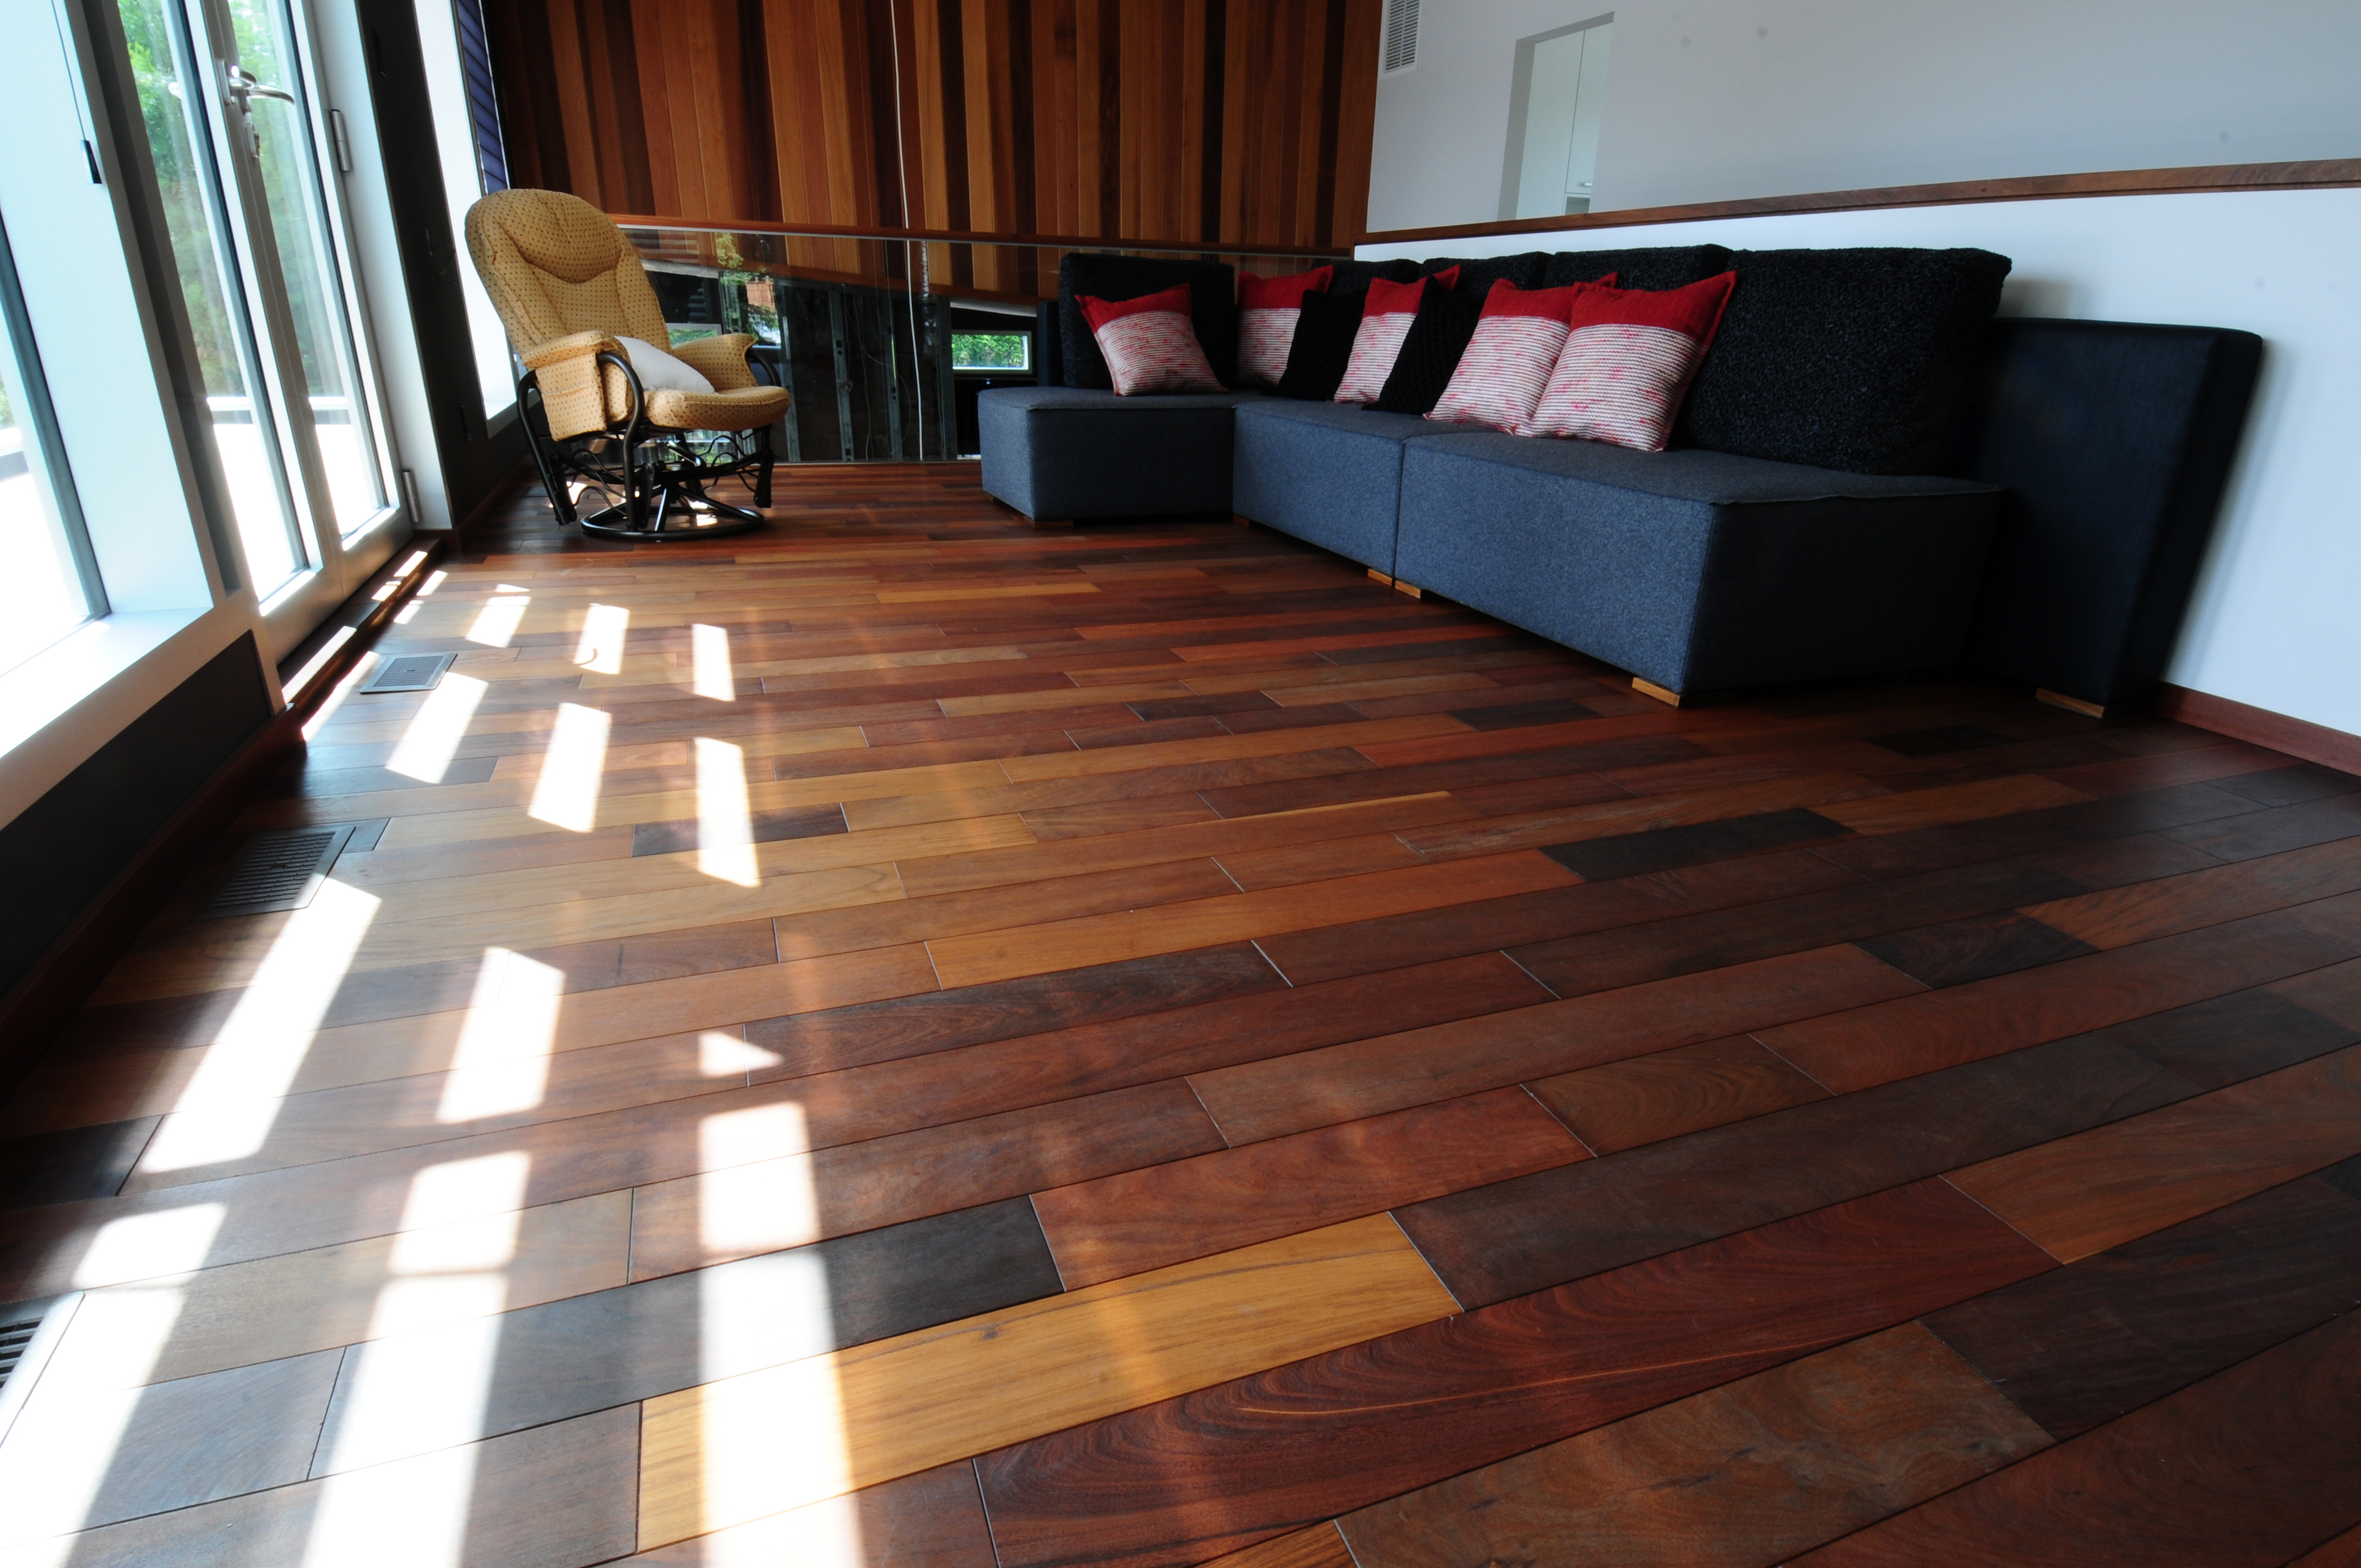 ip huil planchers et escaliers rbc. Black Bedroom Furniture Sets. Home Design Ideas